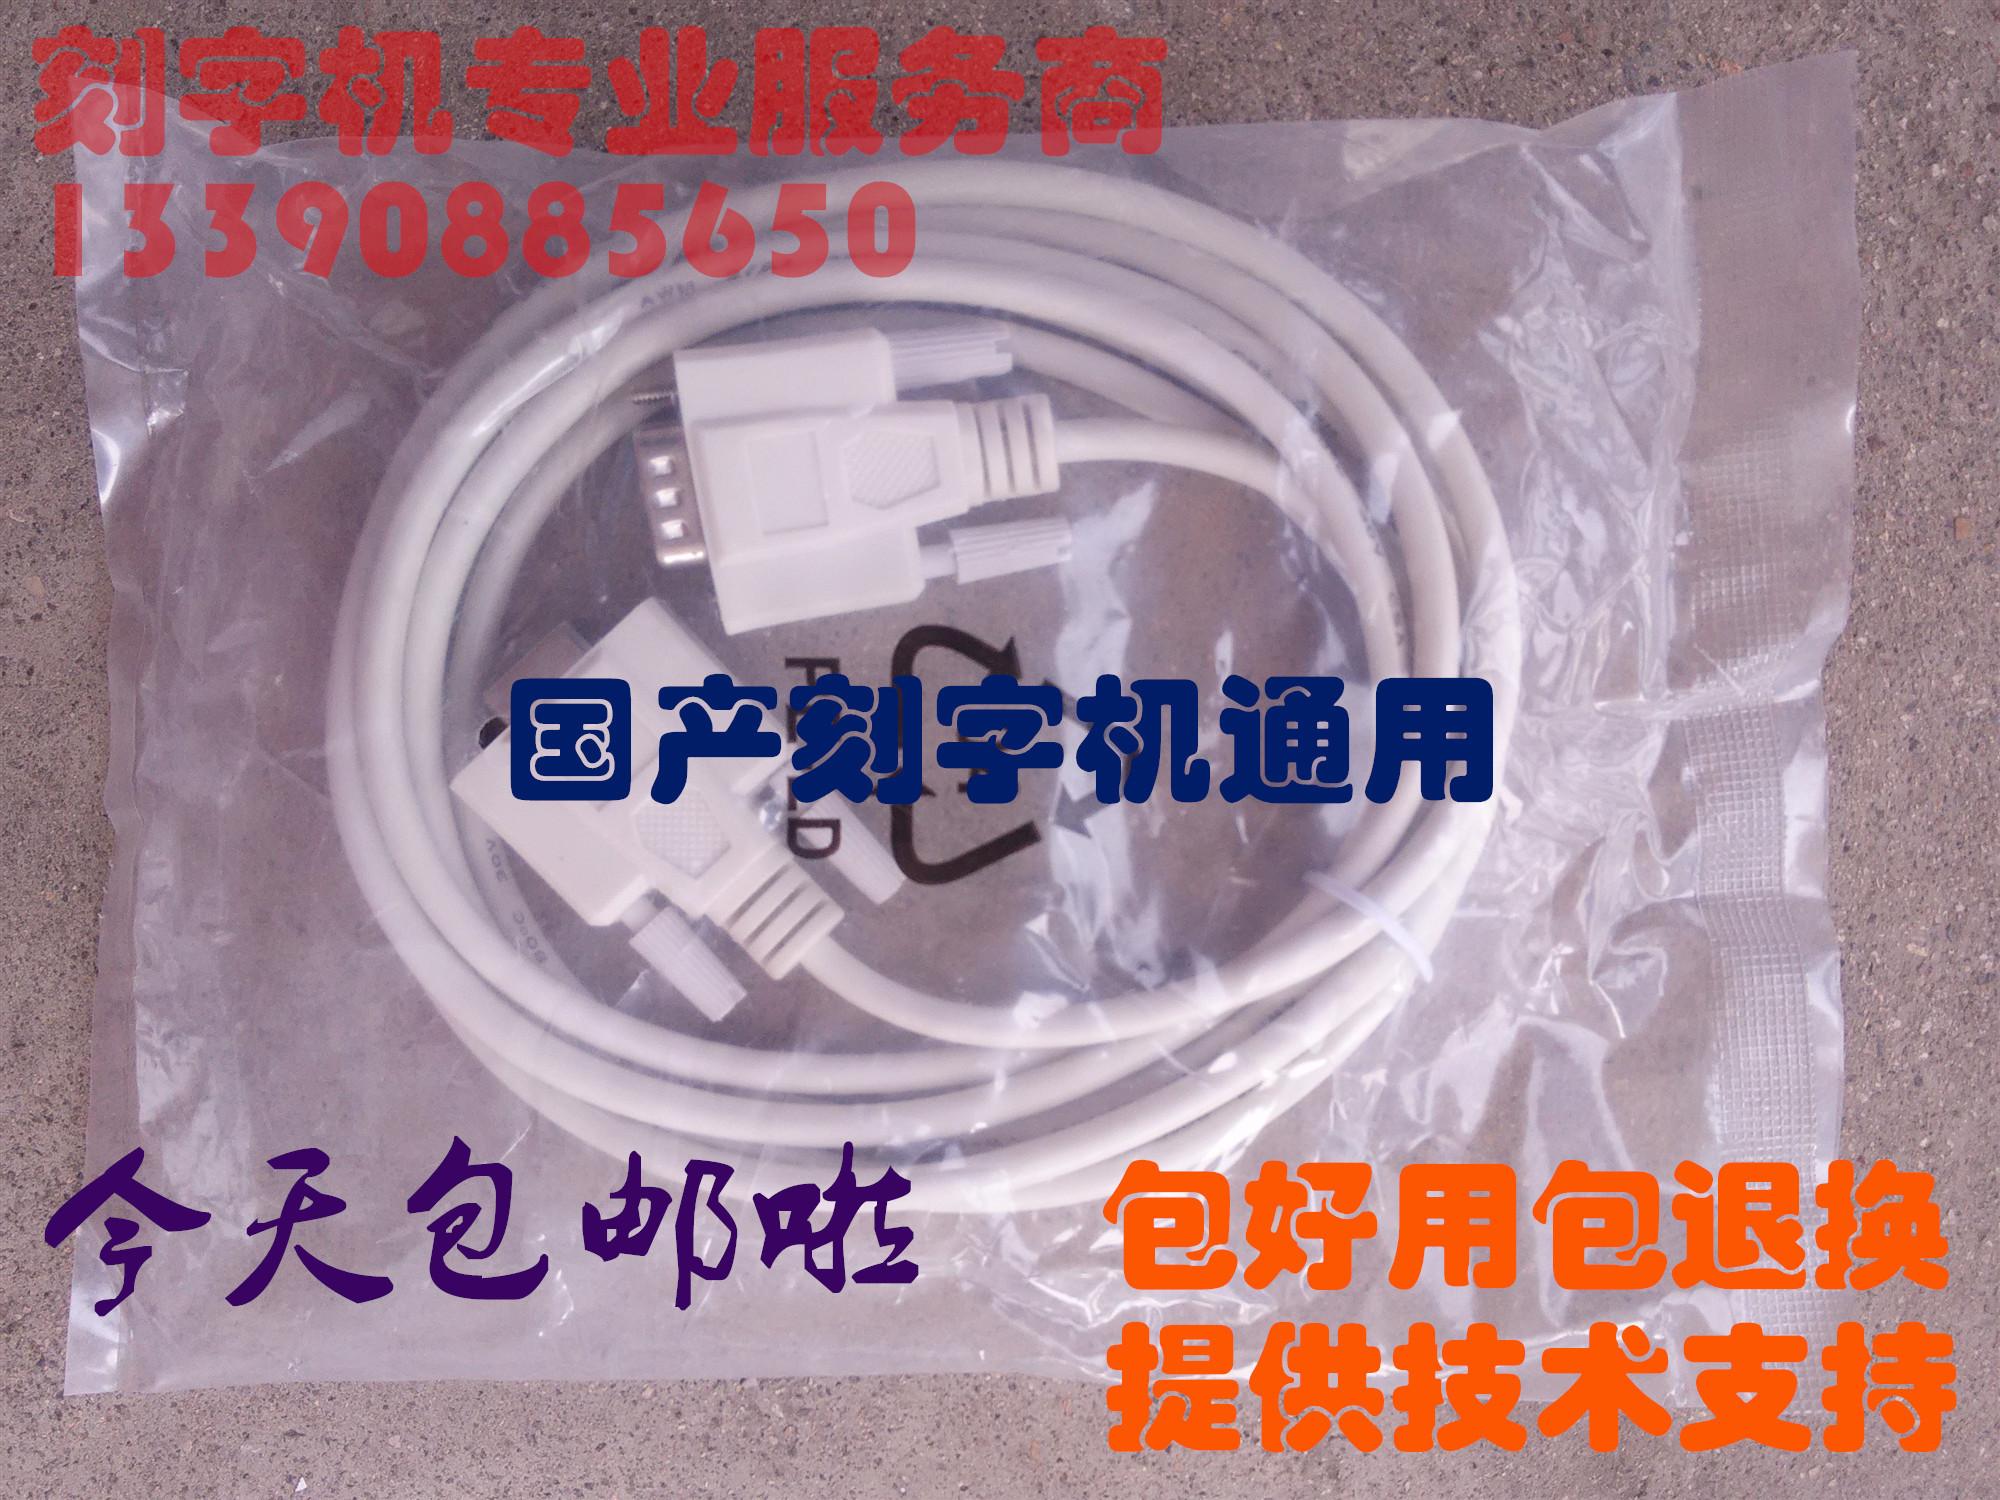 Домашняя гравюра слово машина для Линия данных / Liyu / Liyuan / Принудительно выгравированы / Иньтянь / Мацуда / Прохладный универсальная последовательная линия с гравировкой